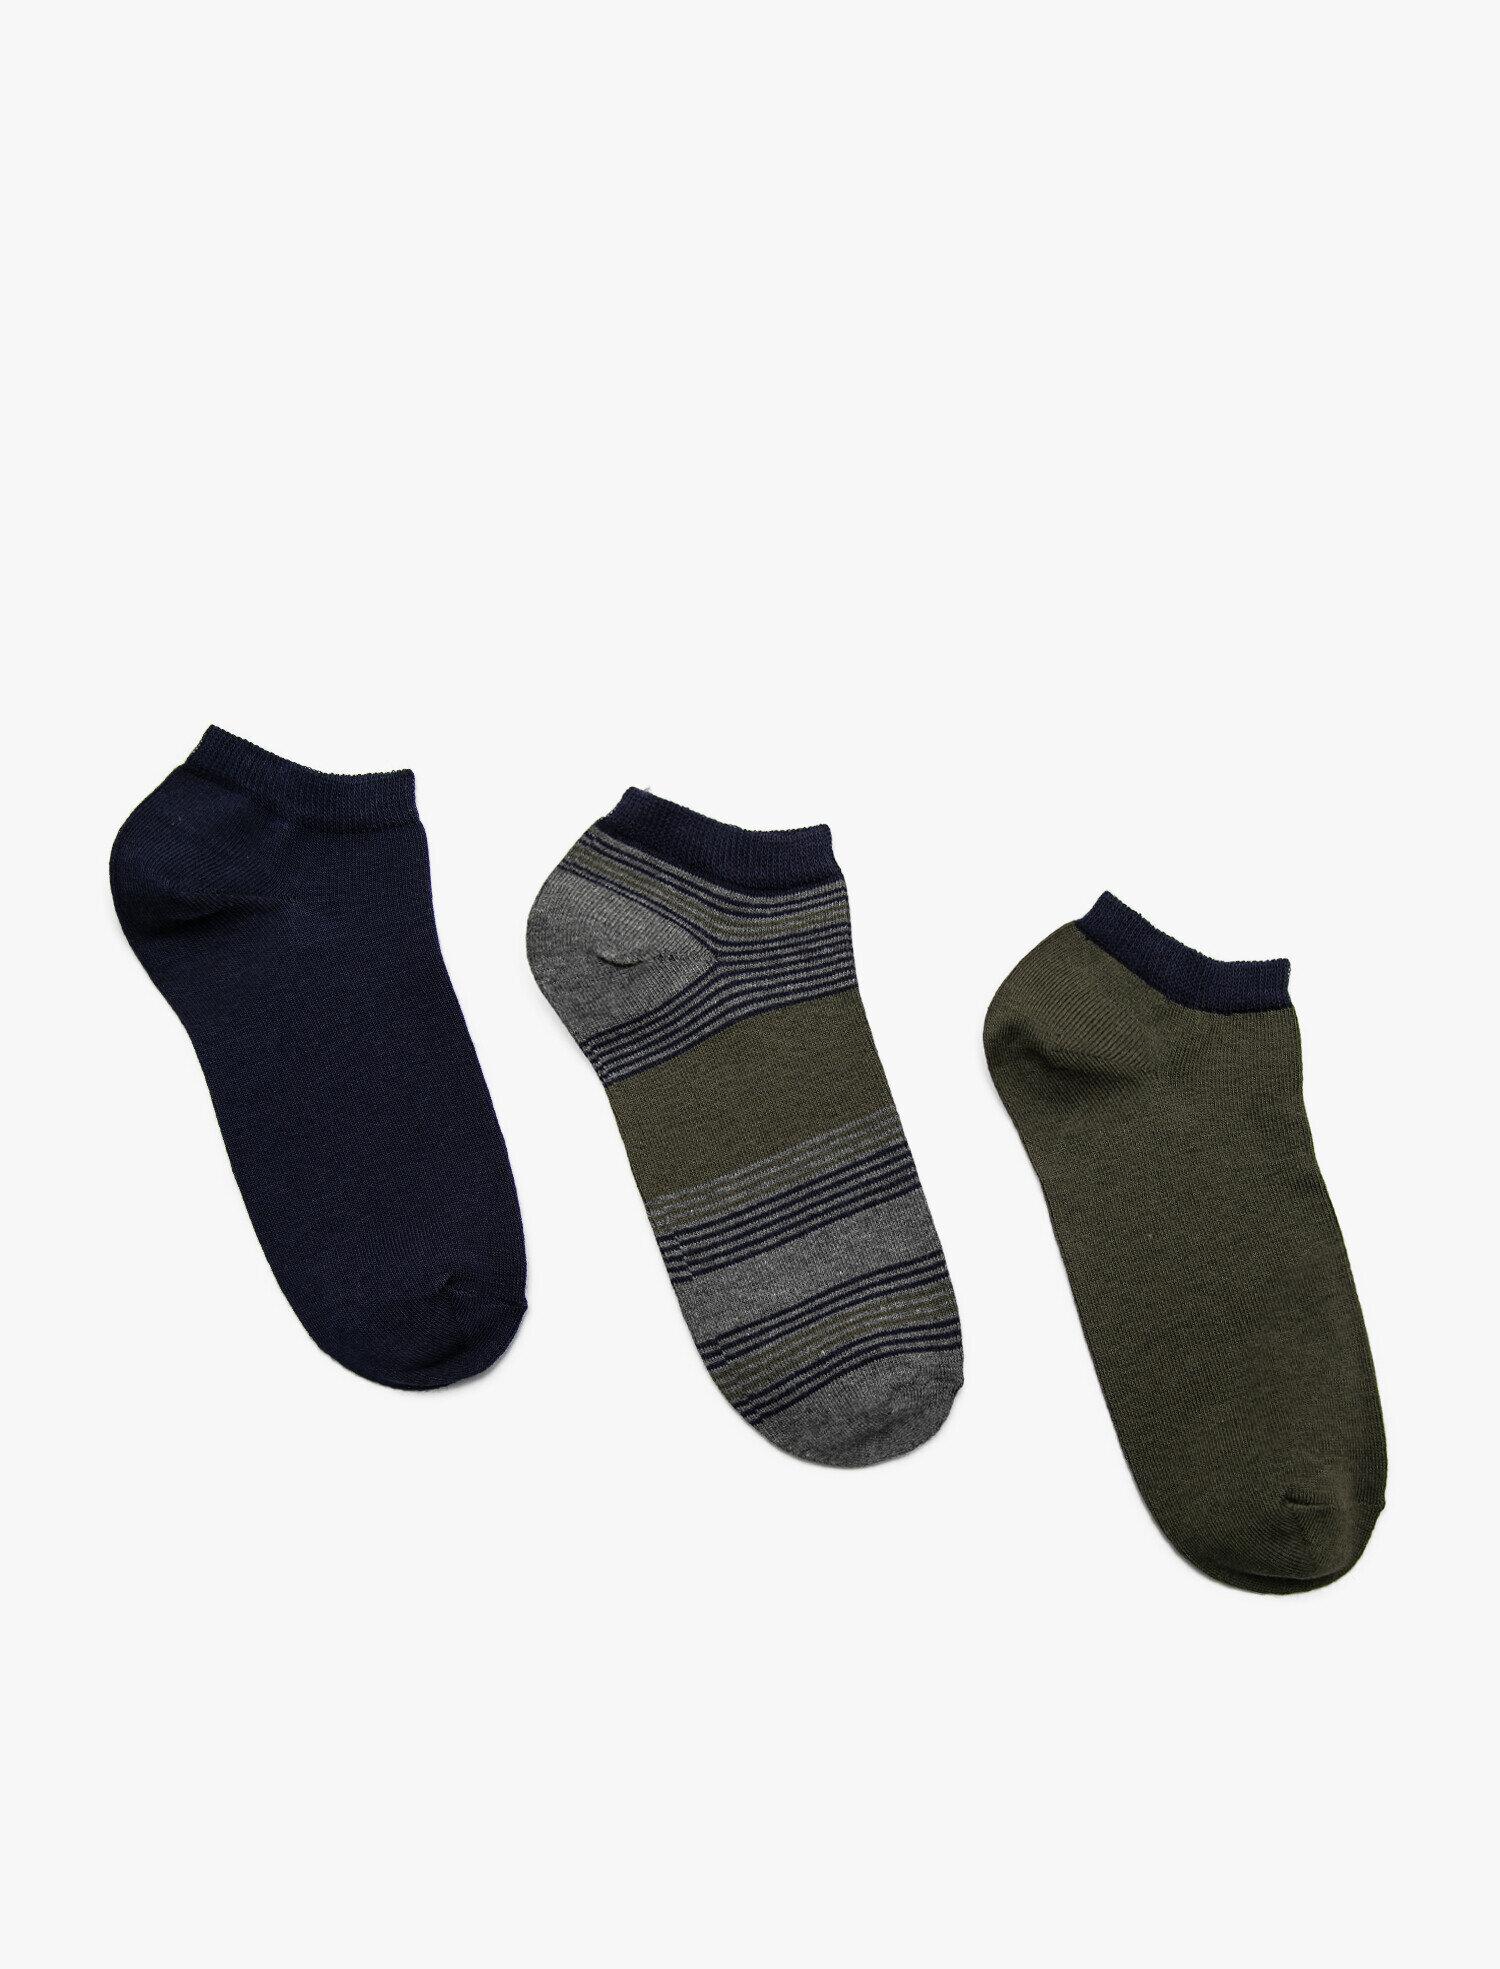 3 Pack Man Socks